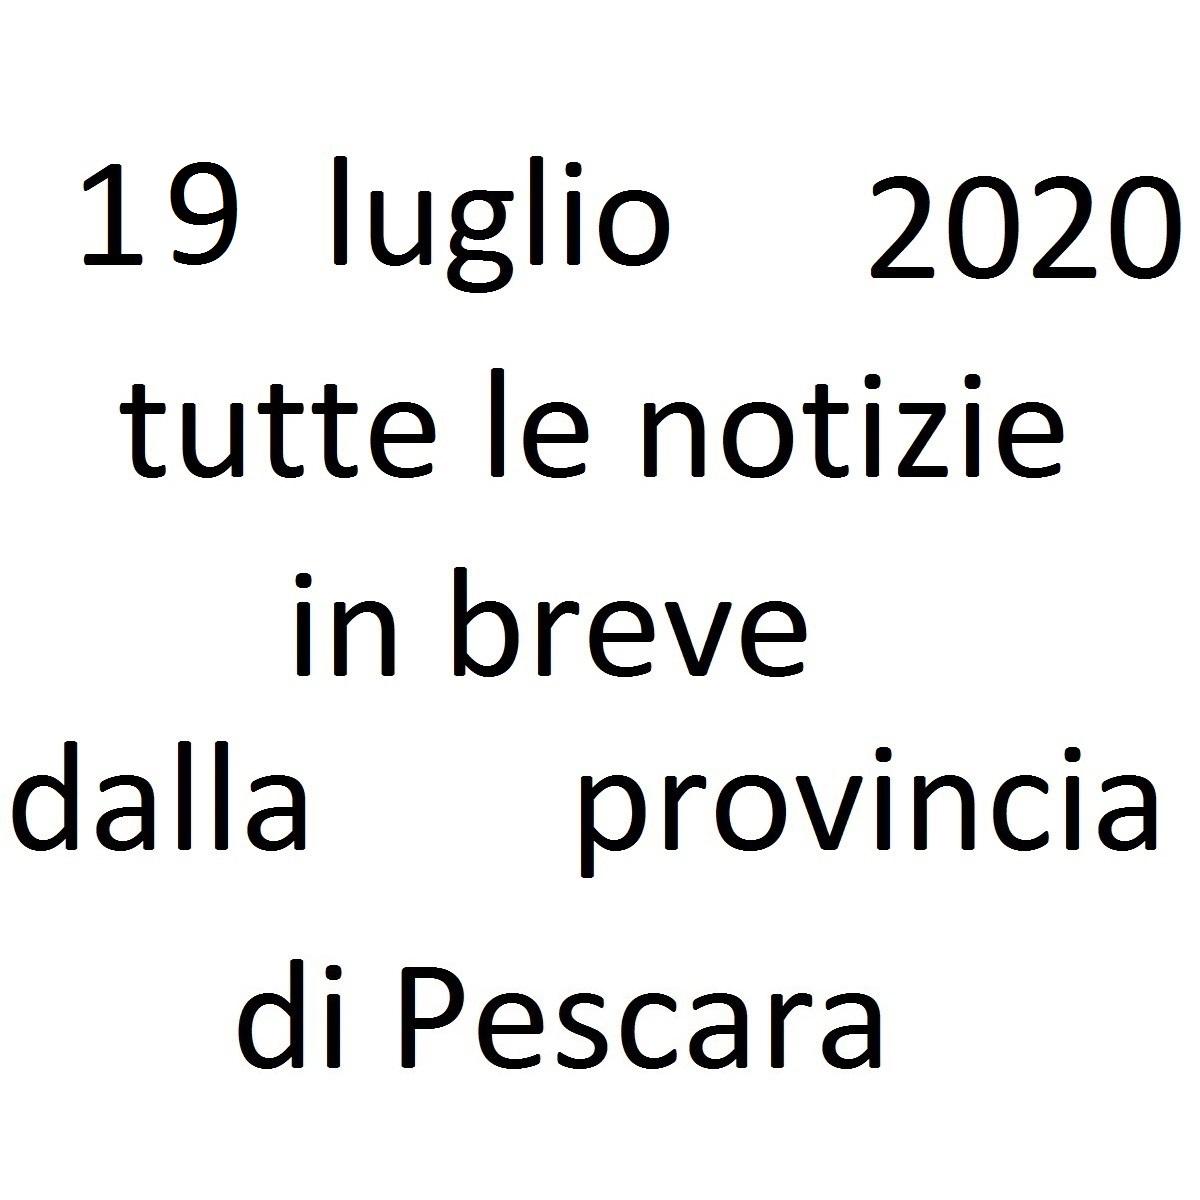 19 luglio 2020 notizie in breve dalla Provincia di Pescara foto